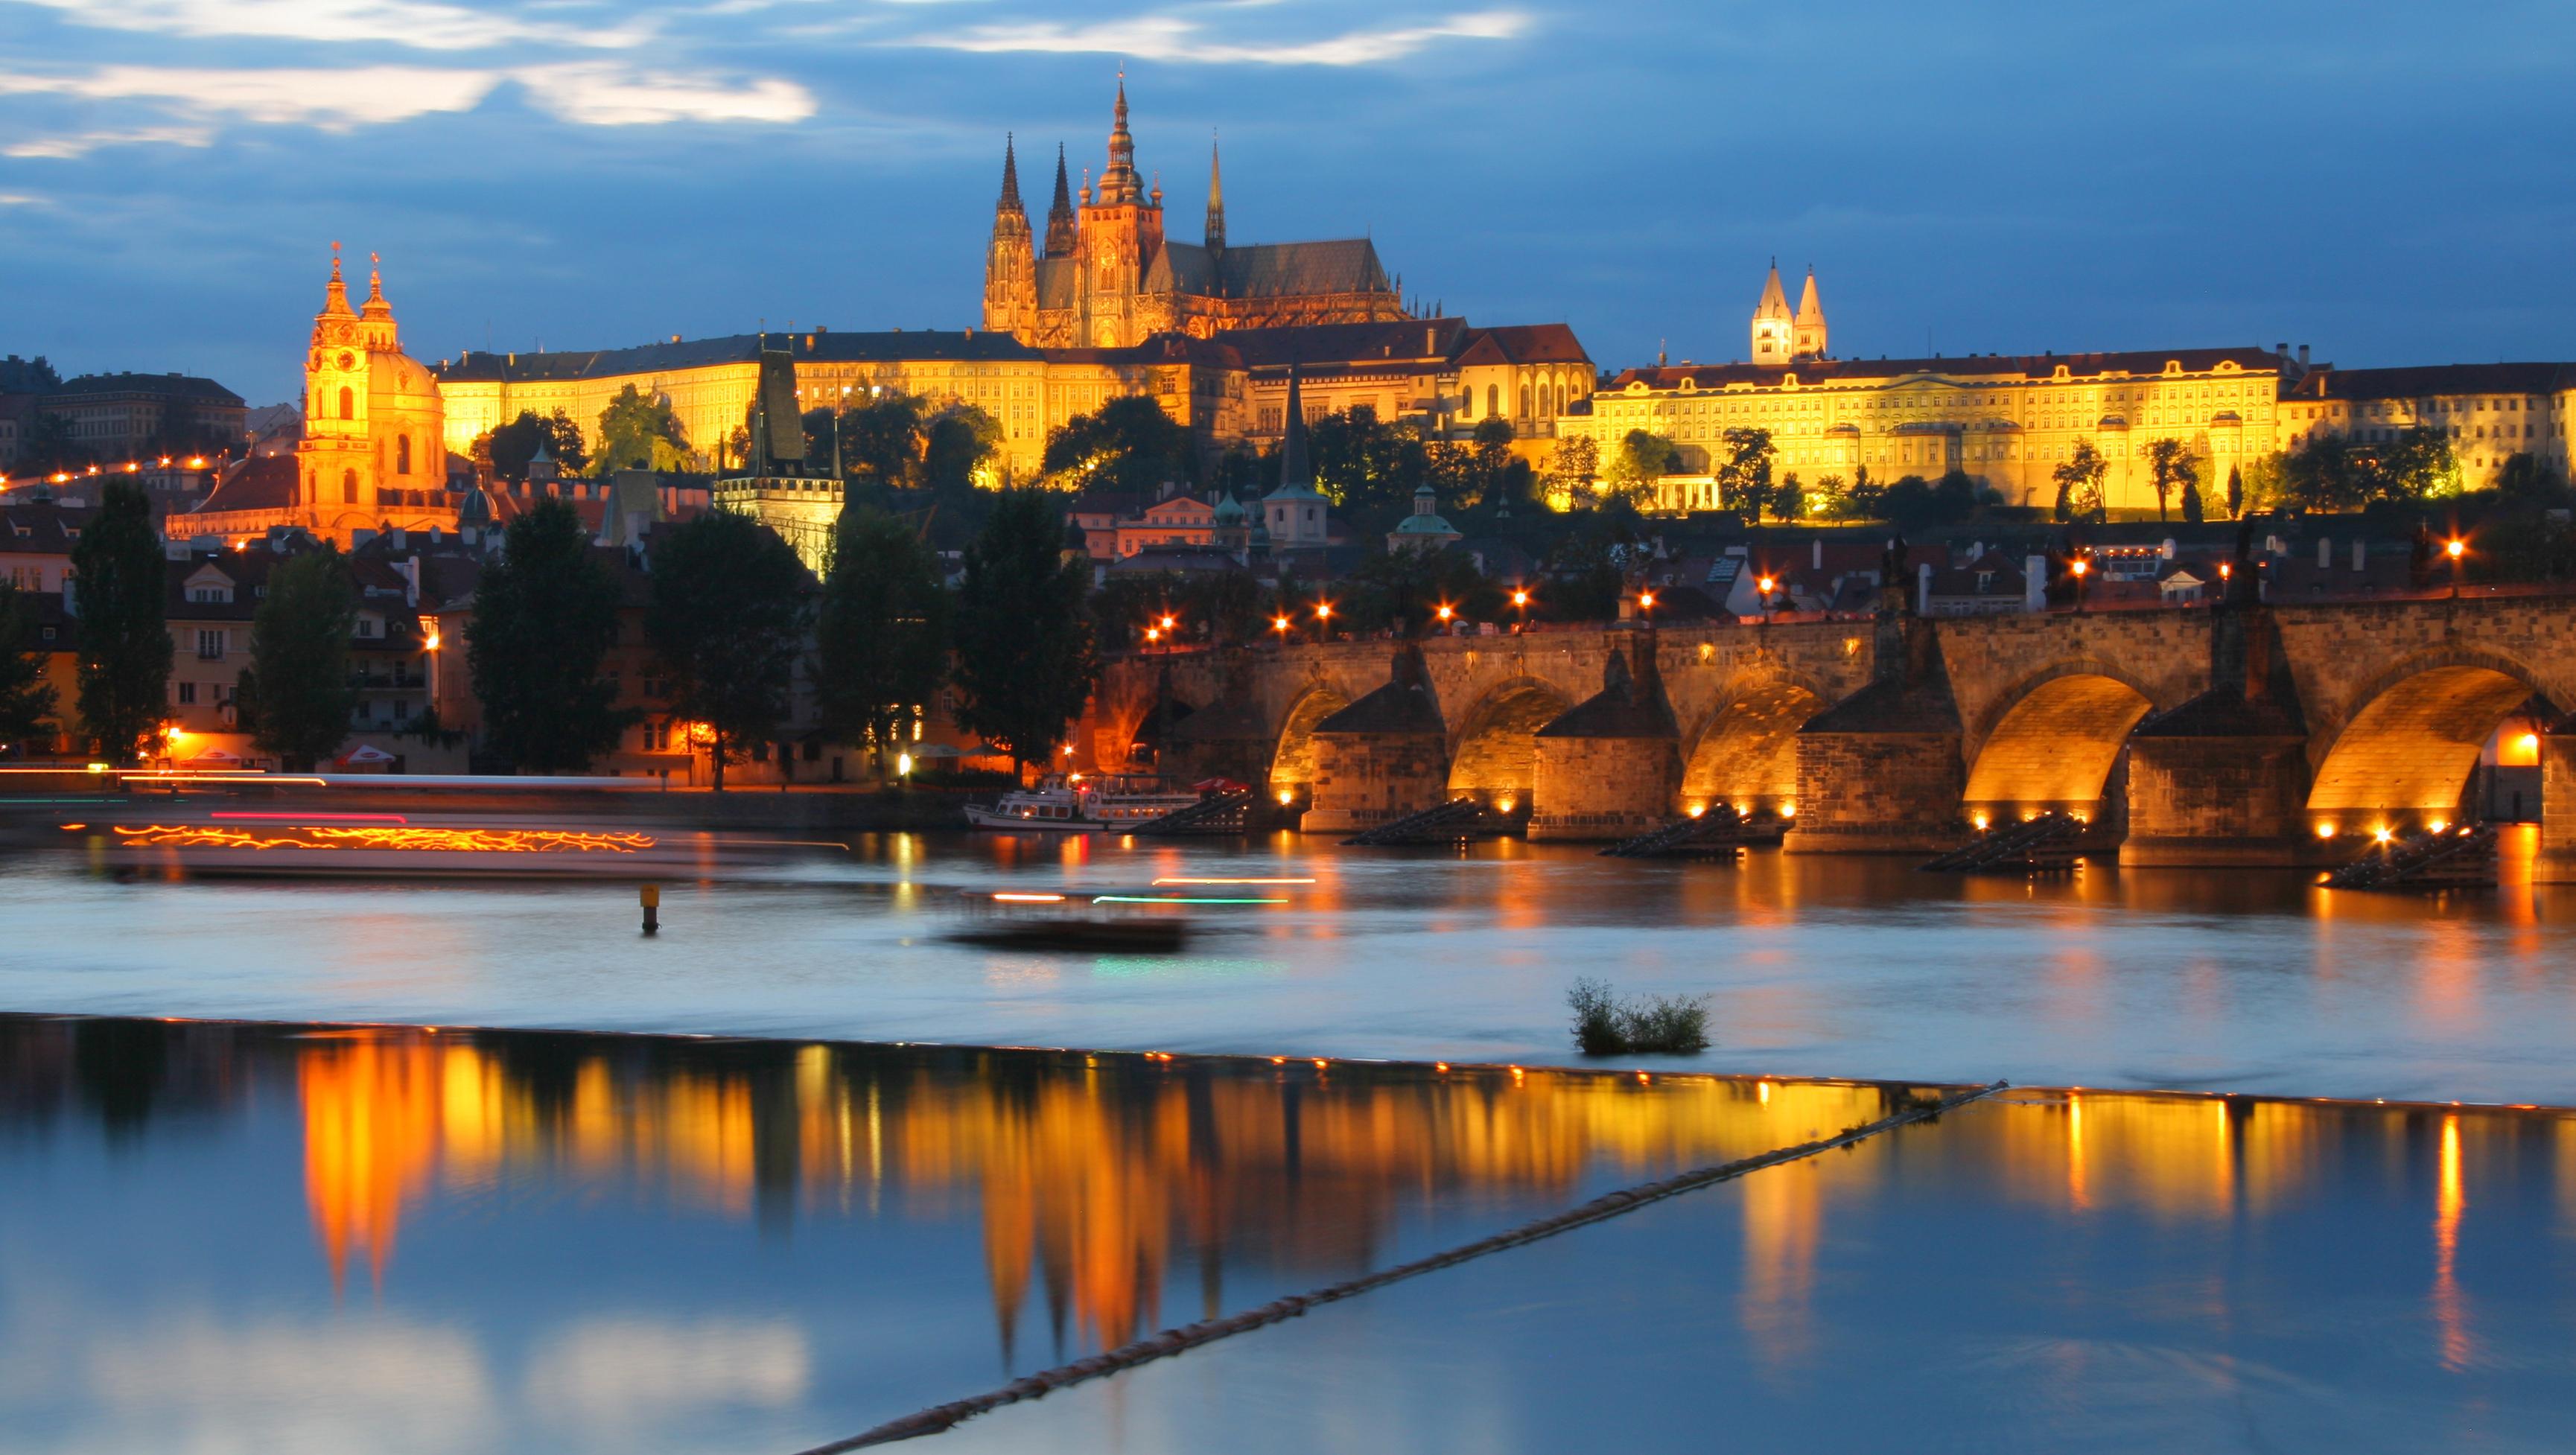 Conoce el castillo más grande del mundo - República Checa Circuito Praga y Viena